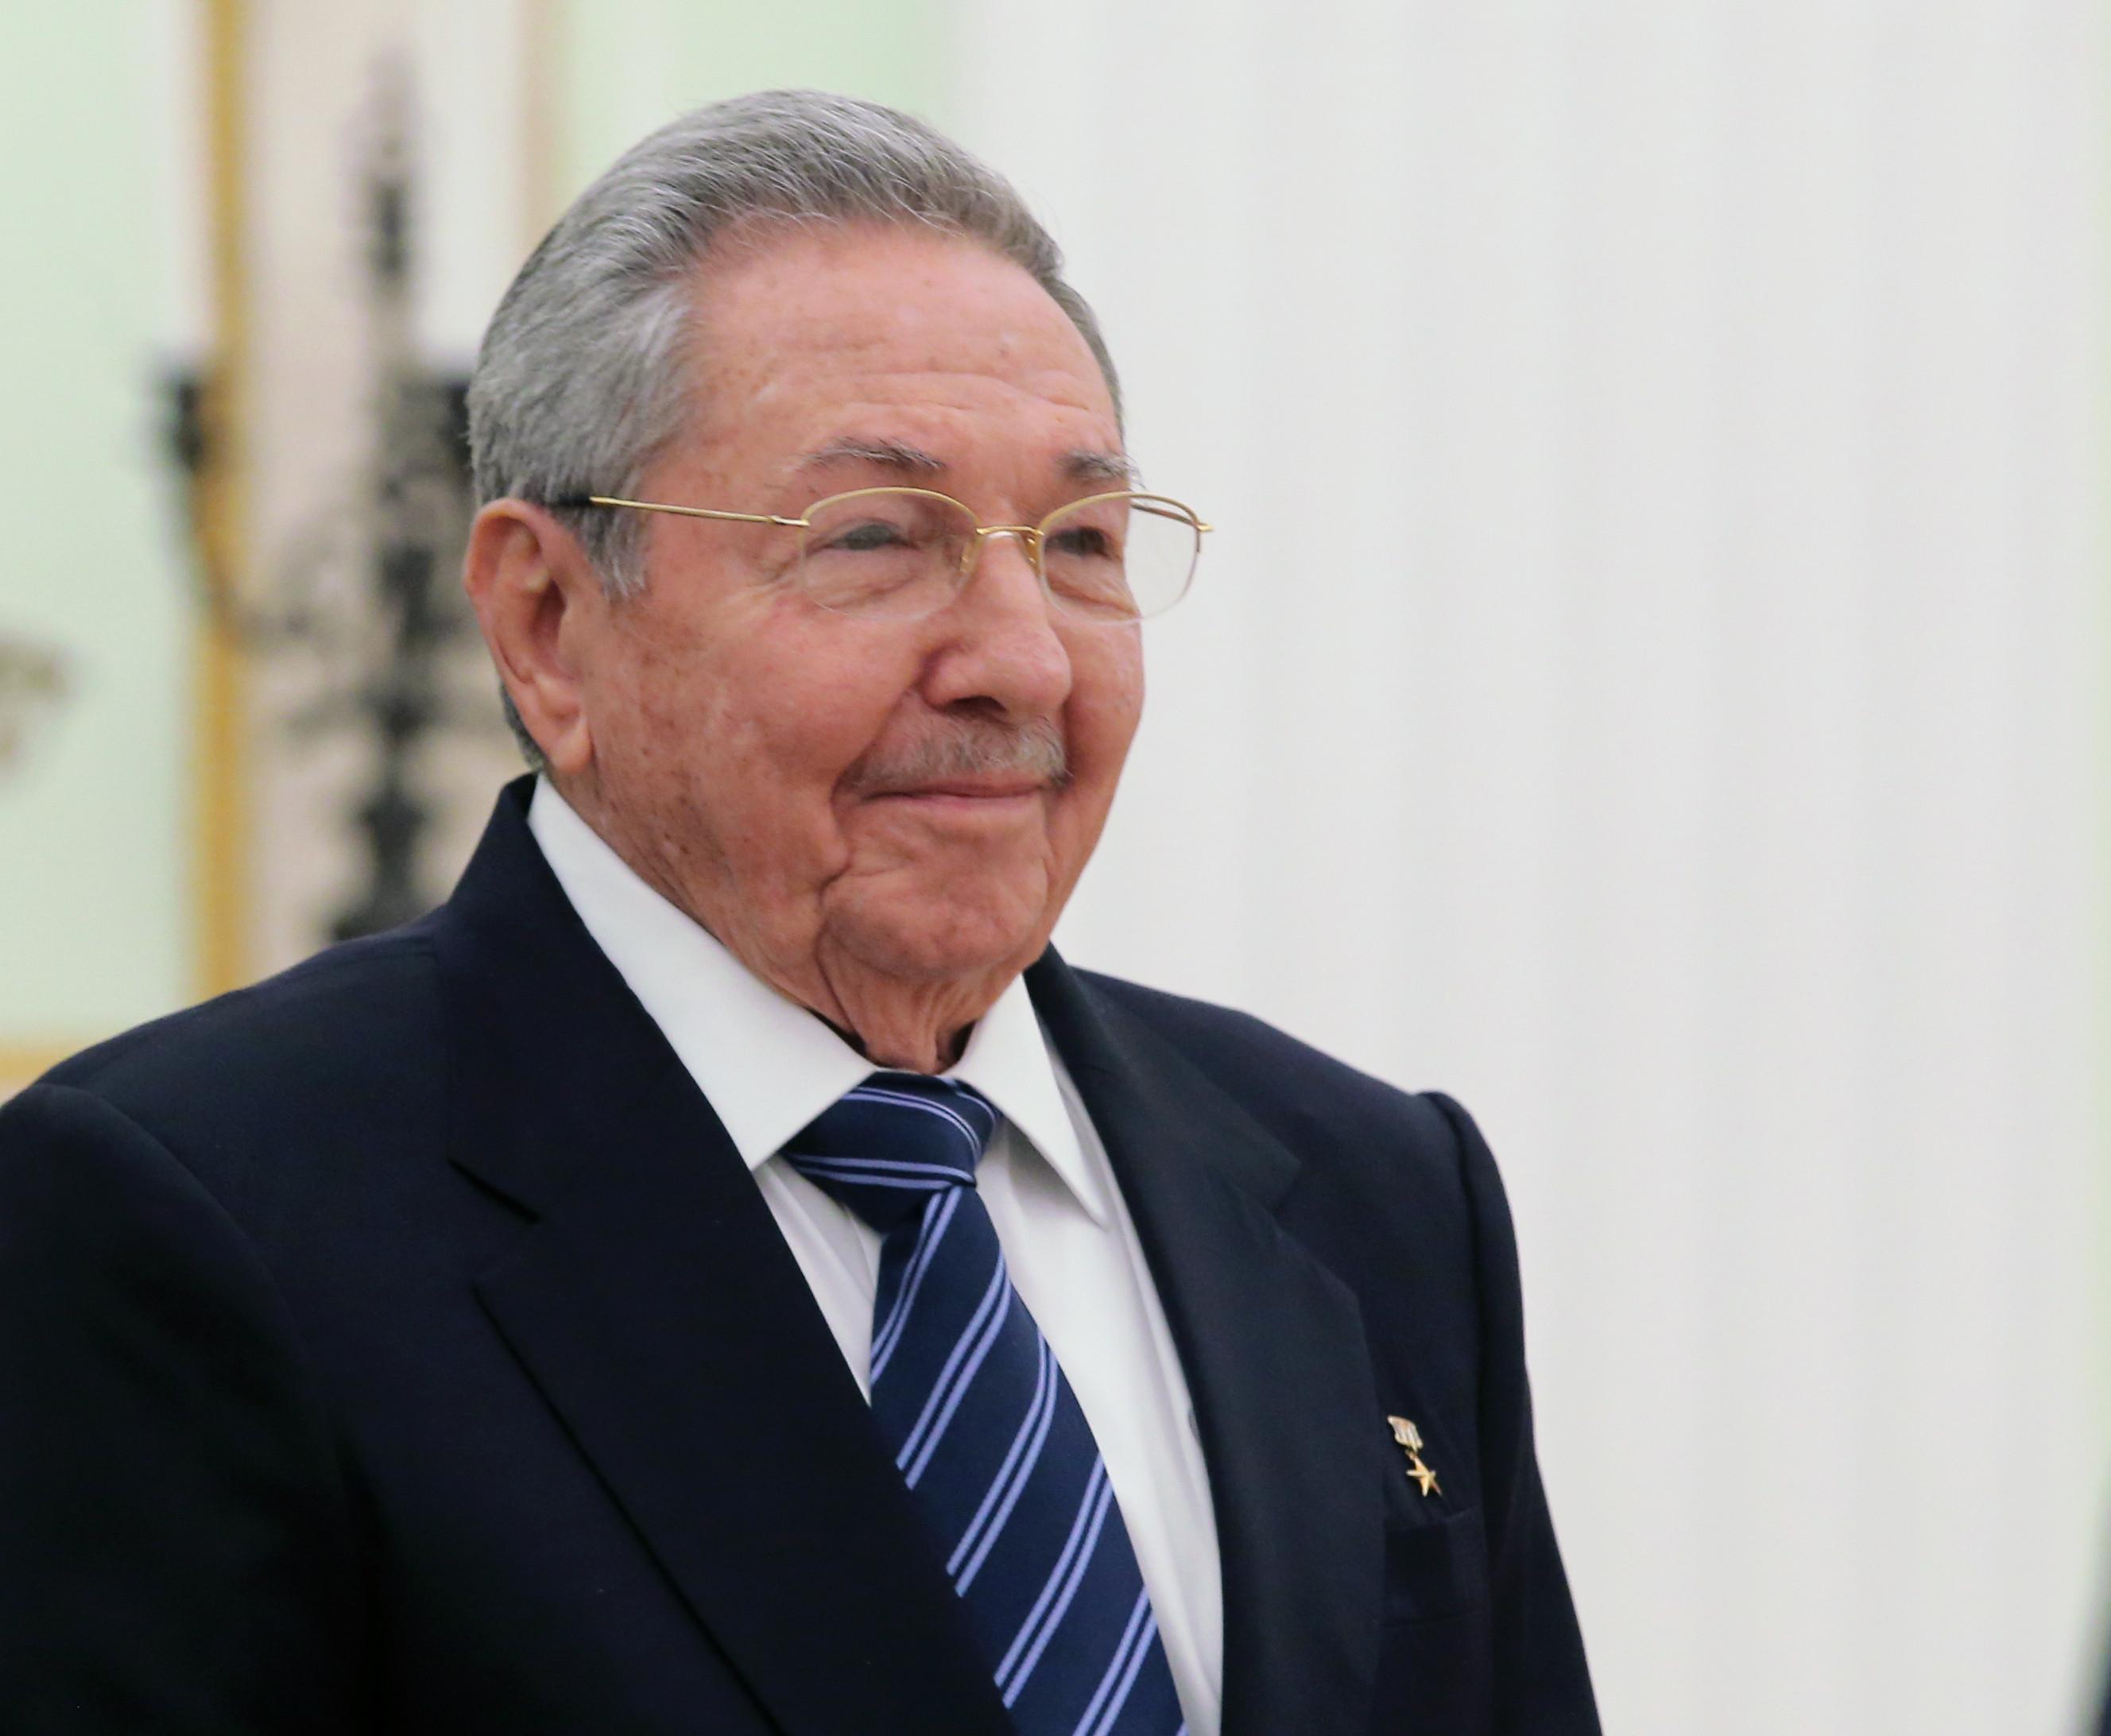 <p>Рауль Кастро. Фото: &copy; РИА Новости / Виталий Белоусов</p>